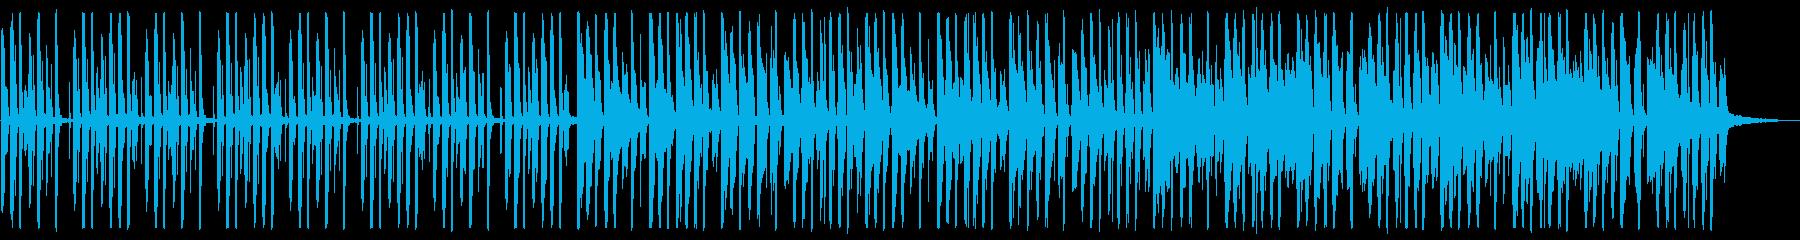 アーバン/優しさ/R&B_No468_2の再生済みの波形